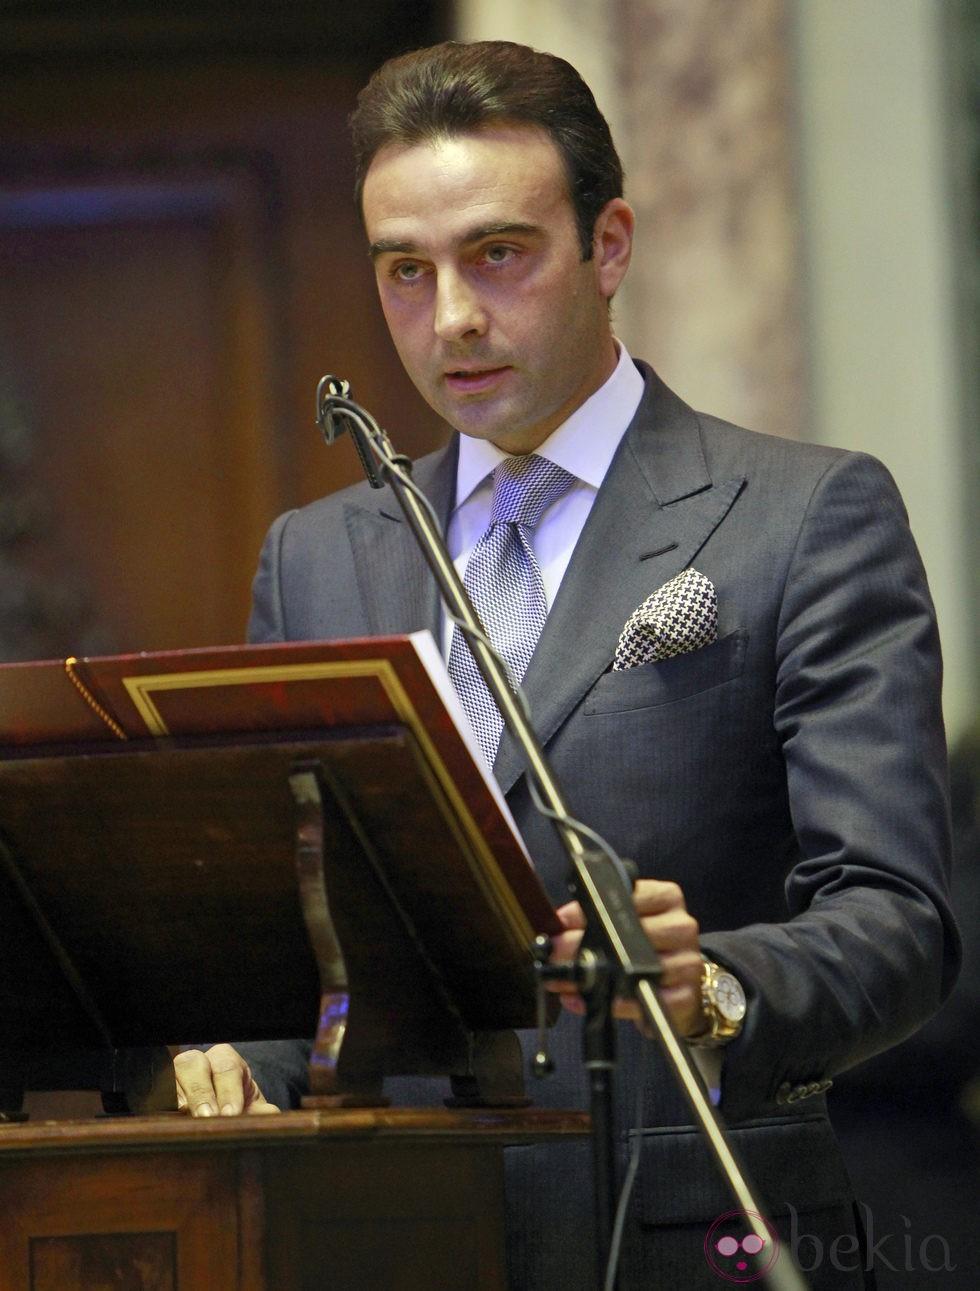 Enrique Ponce durante su nombramiento como hijo predilecto de Valencia